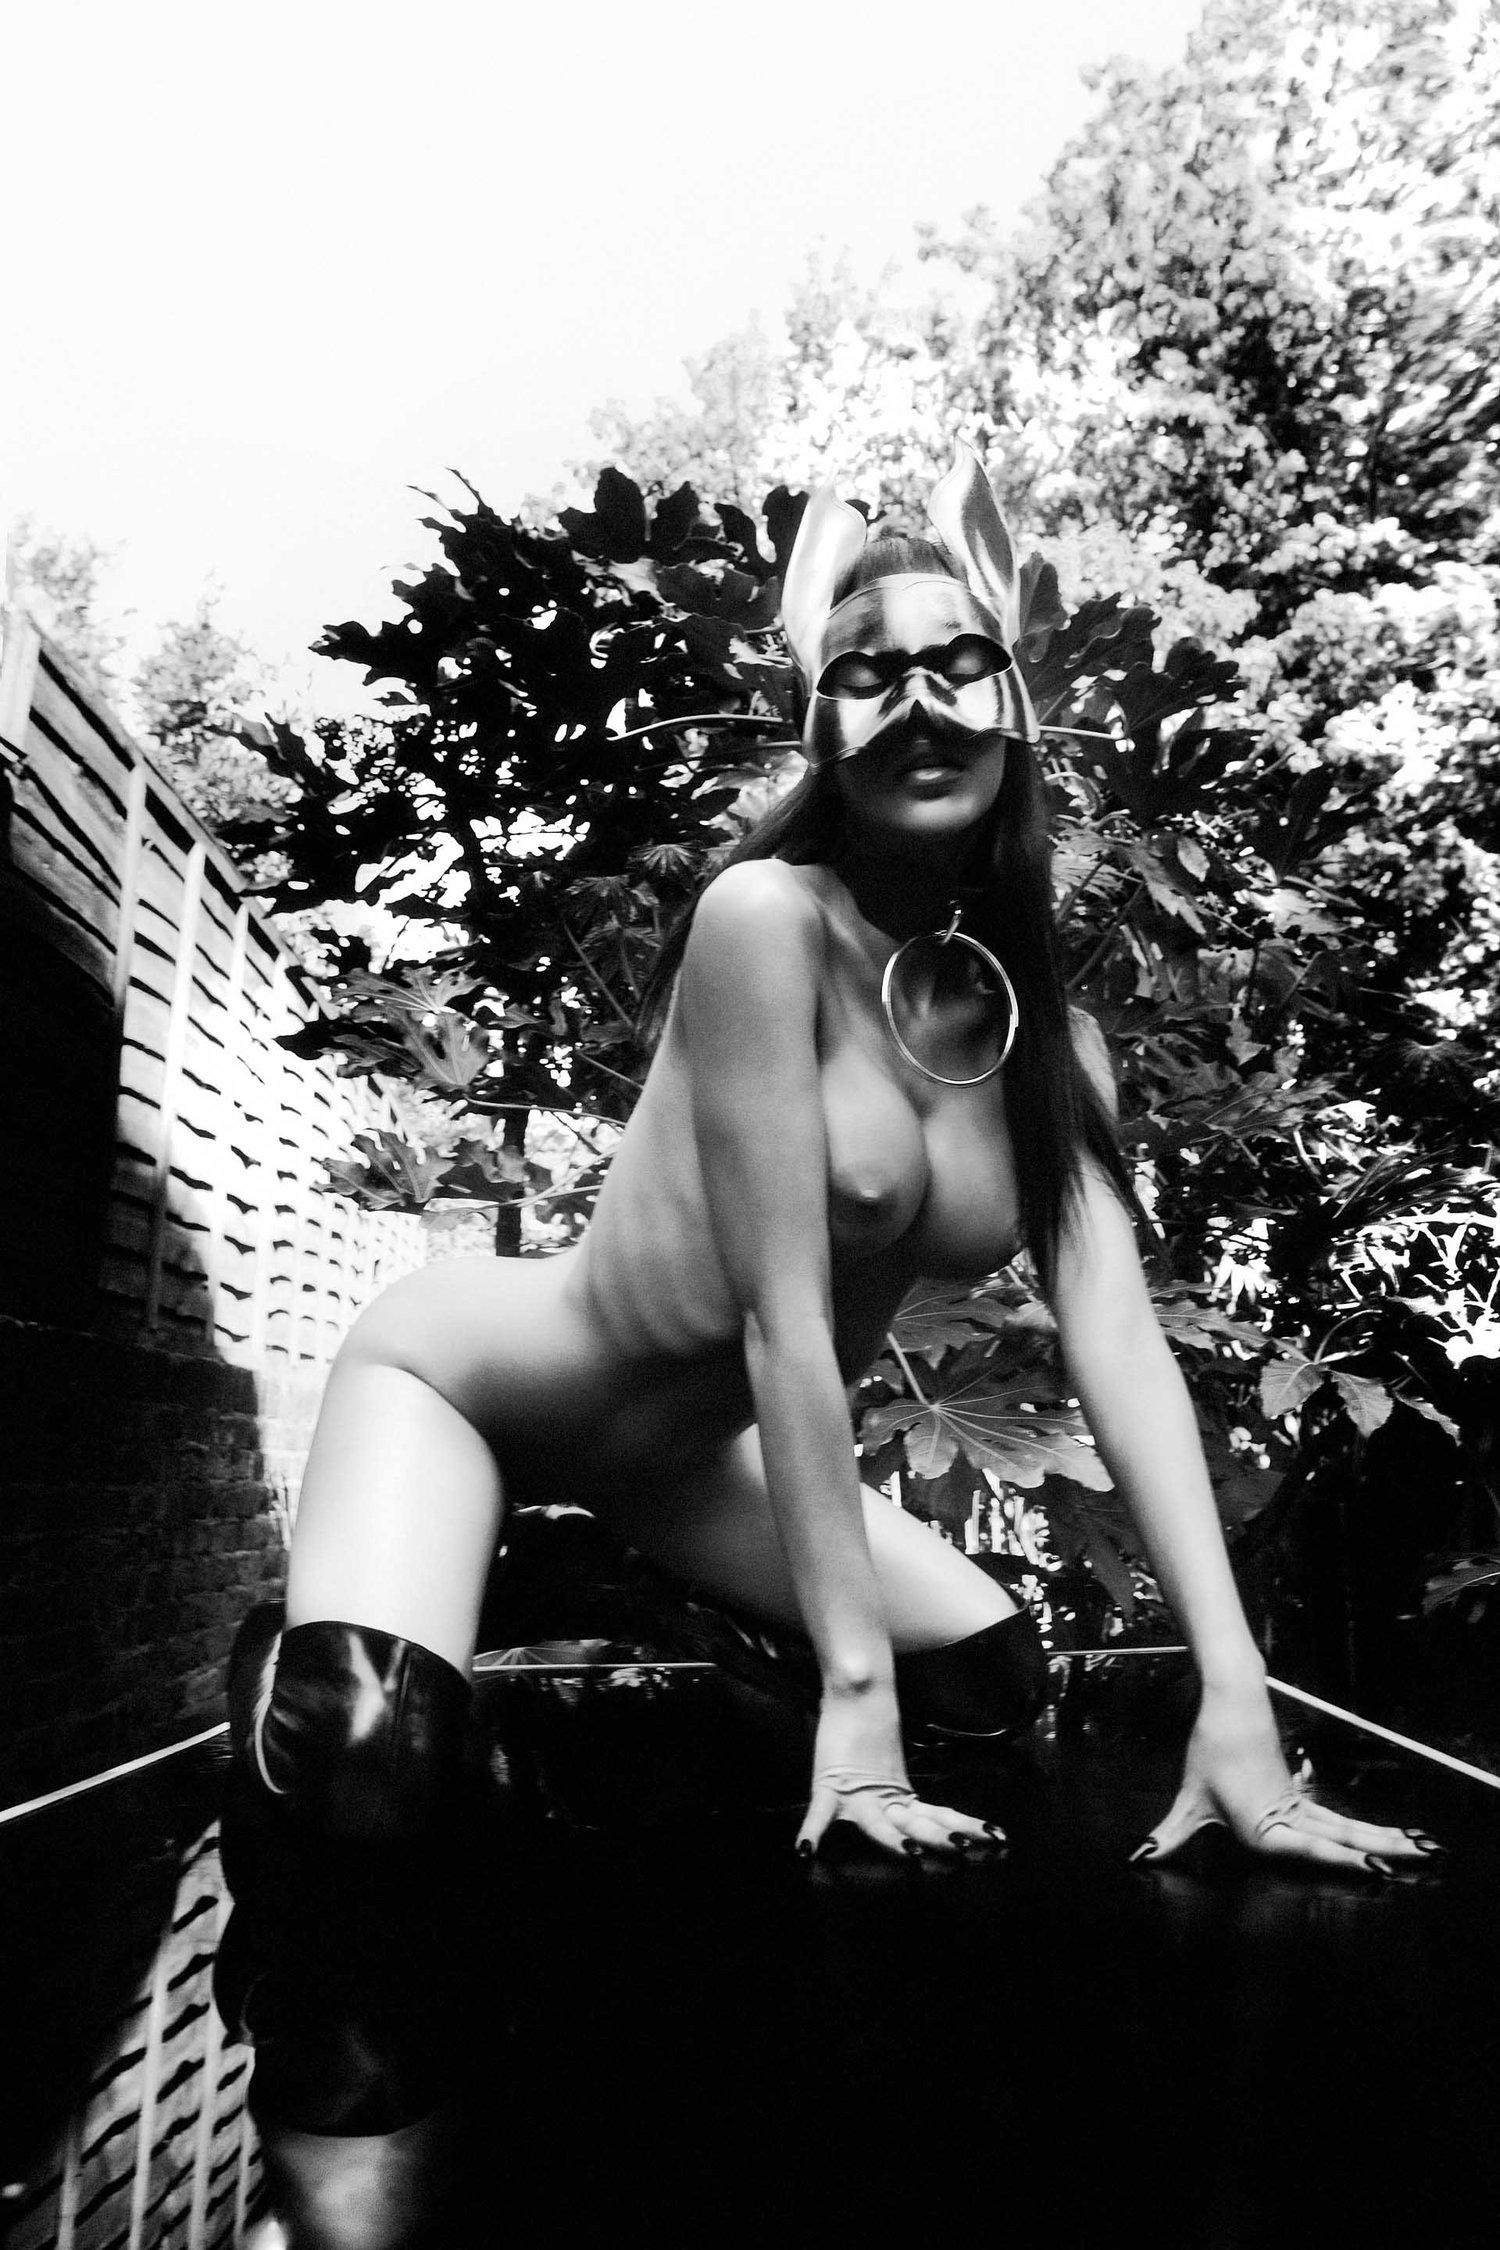 Photographer Paul Artemis / Model MaryAnna X / Bunny - RektMag